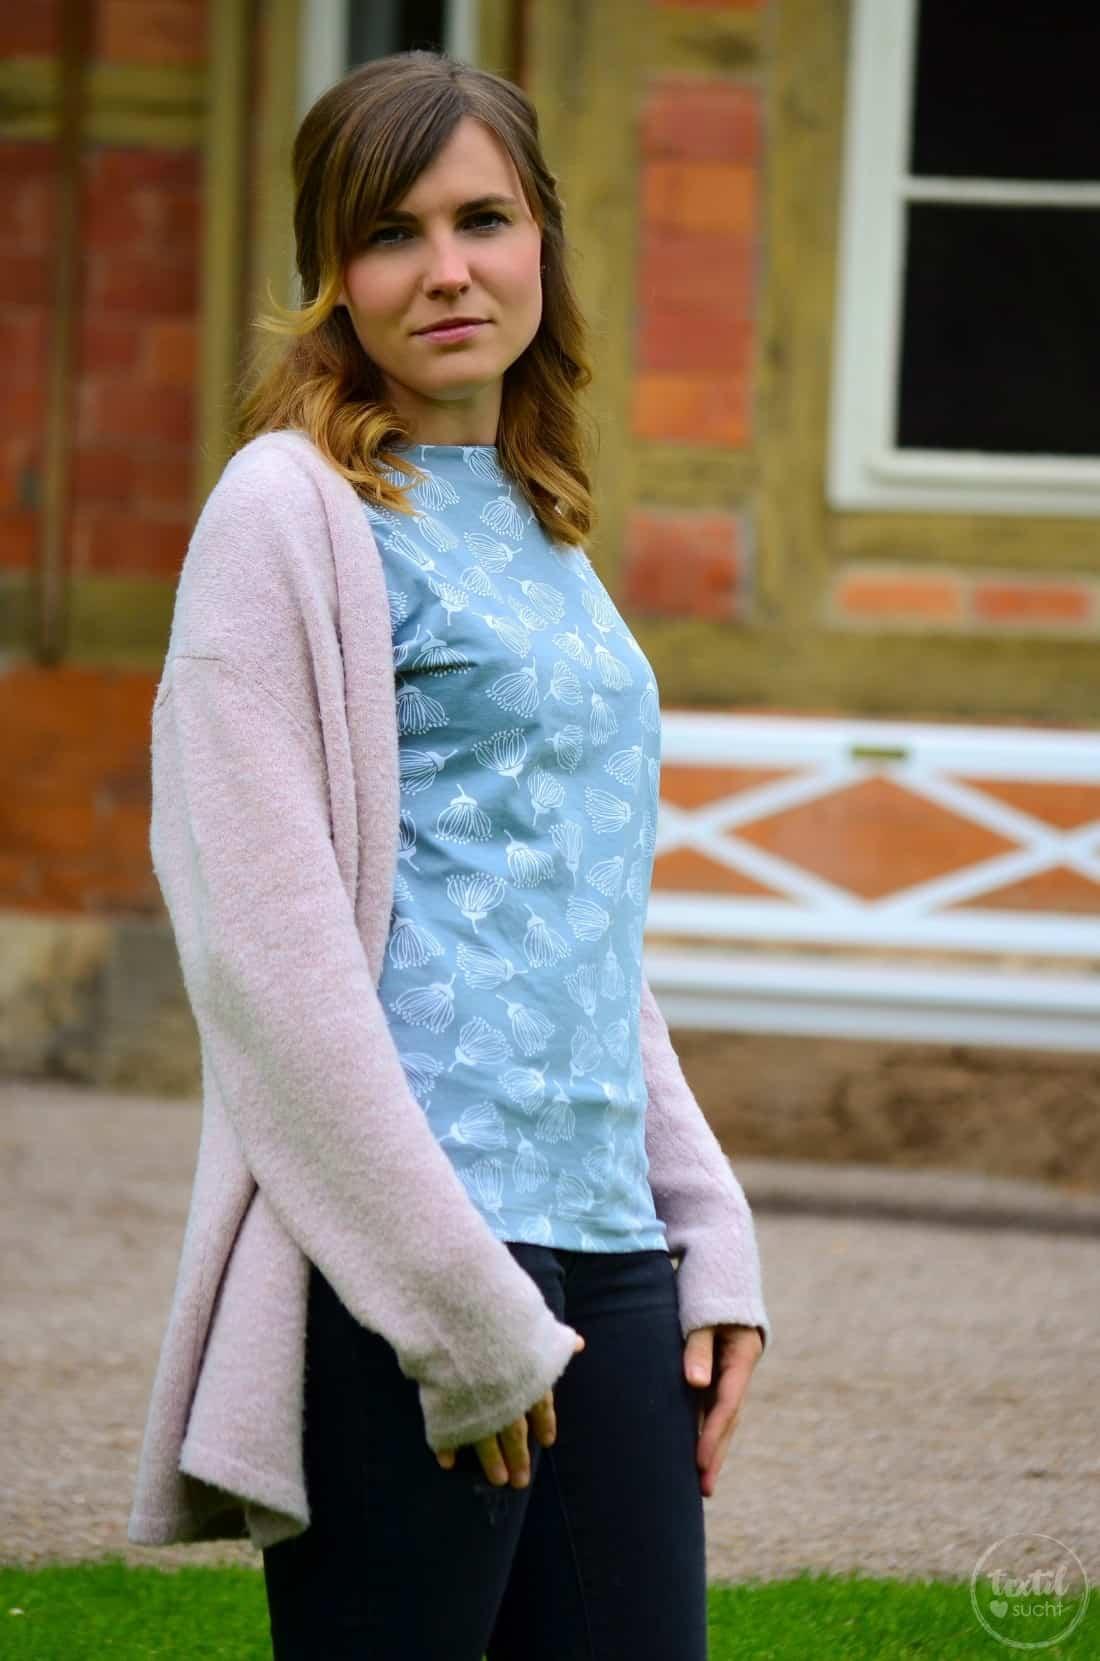 Schnittmuster Shirt Lilla aus FELICIFLORA von raxn - Bild 1 | textilsucht